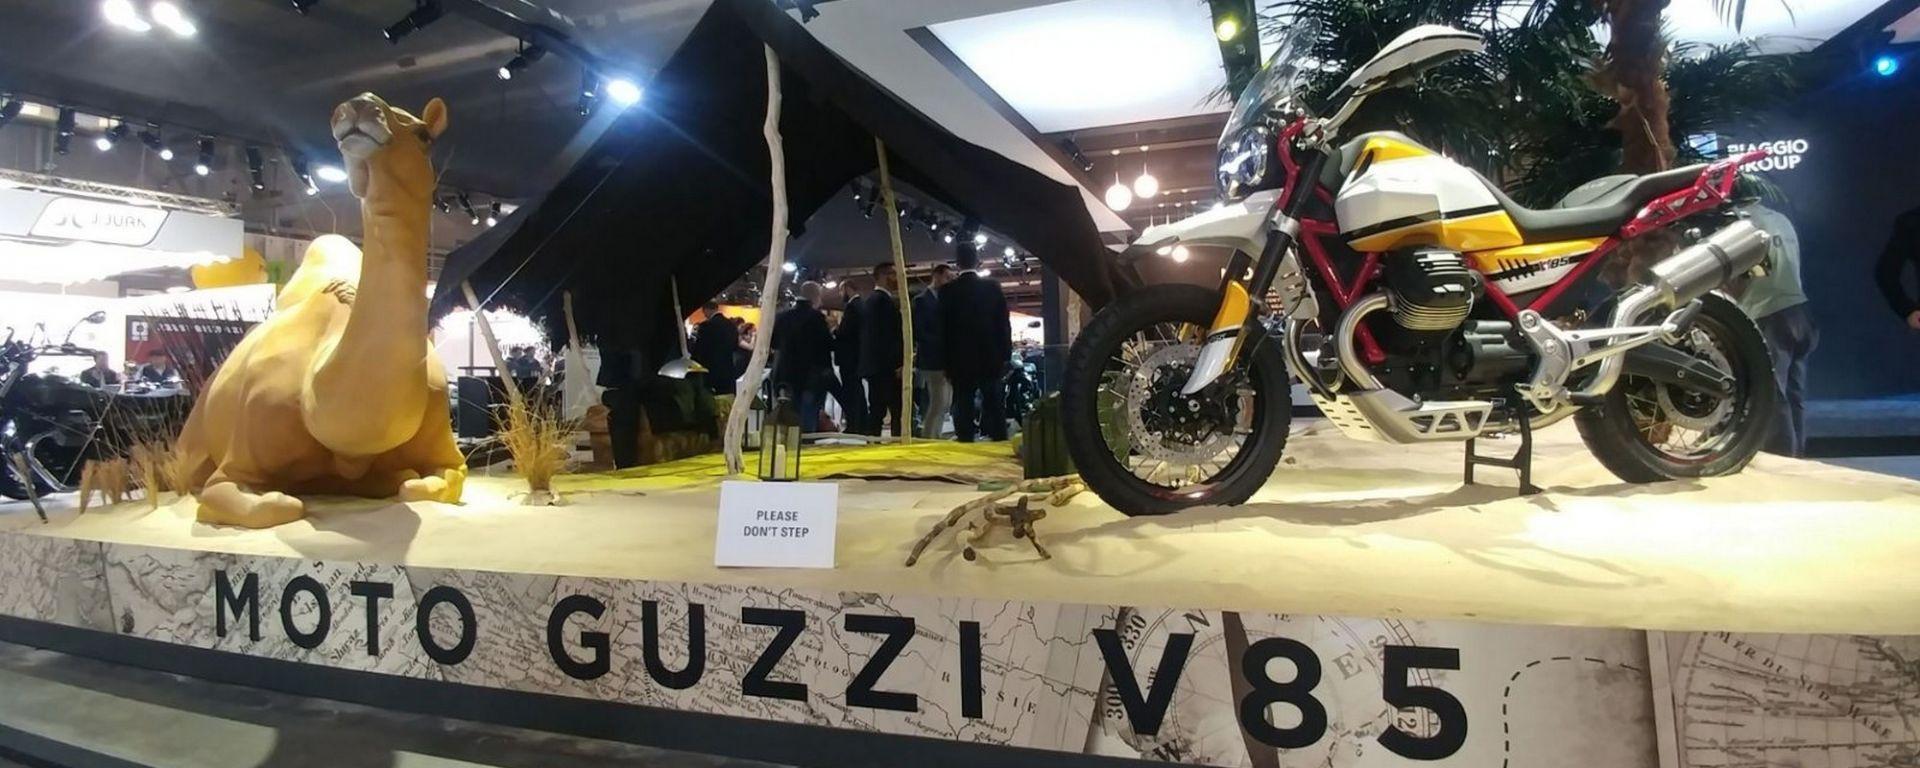 EICMA 2017: le novità allo stand Moto Guzzi